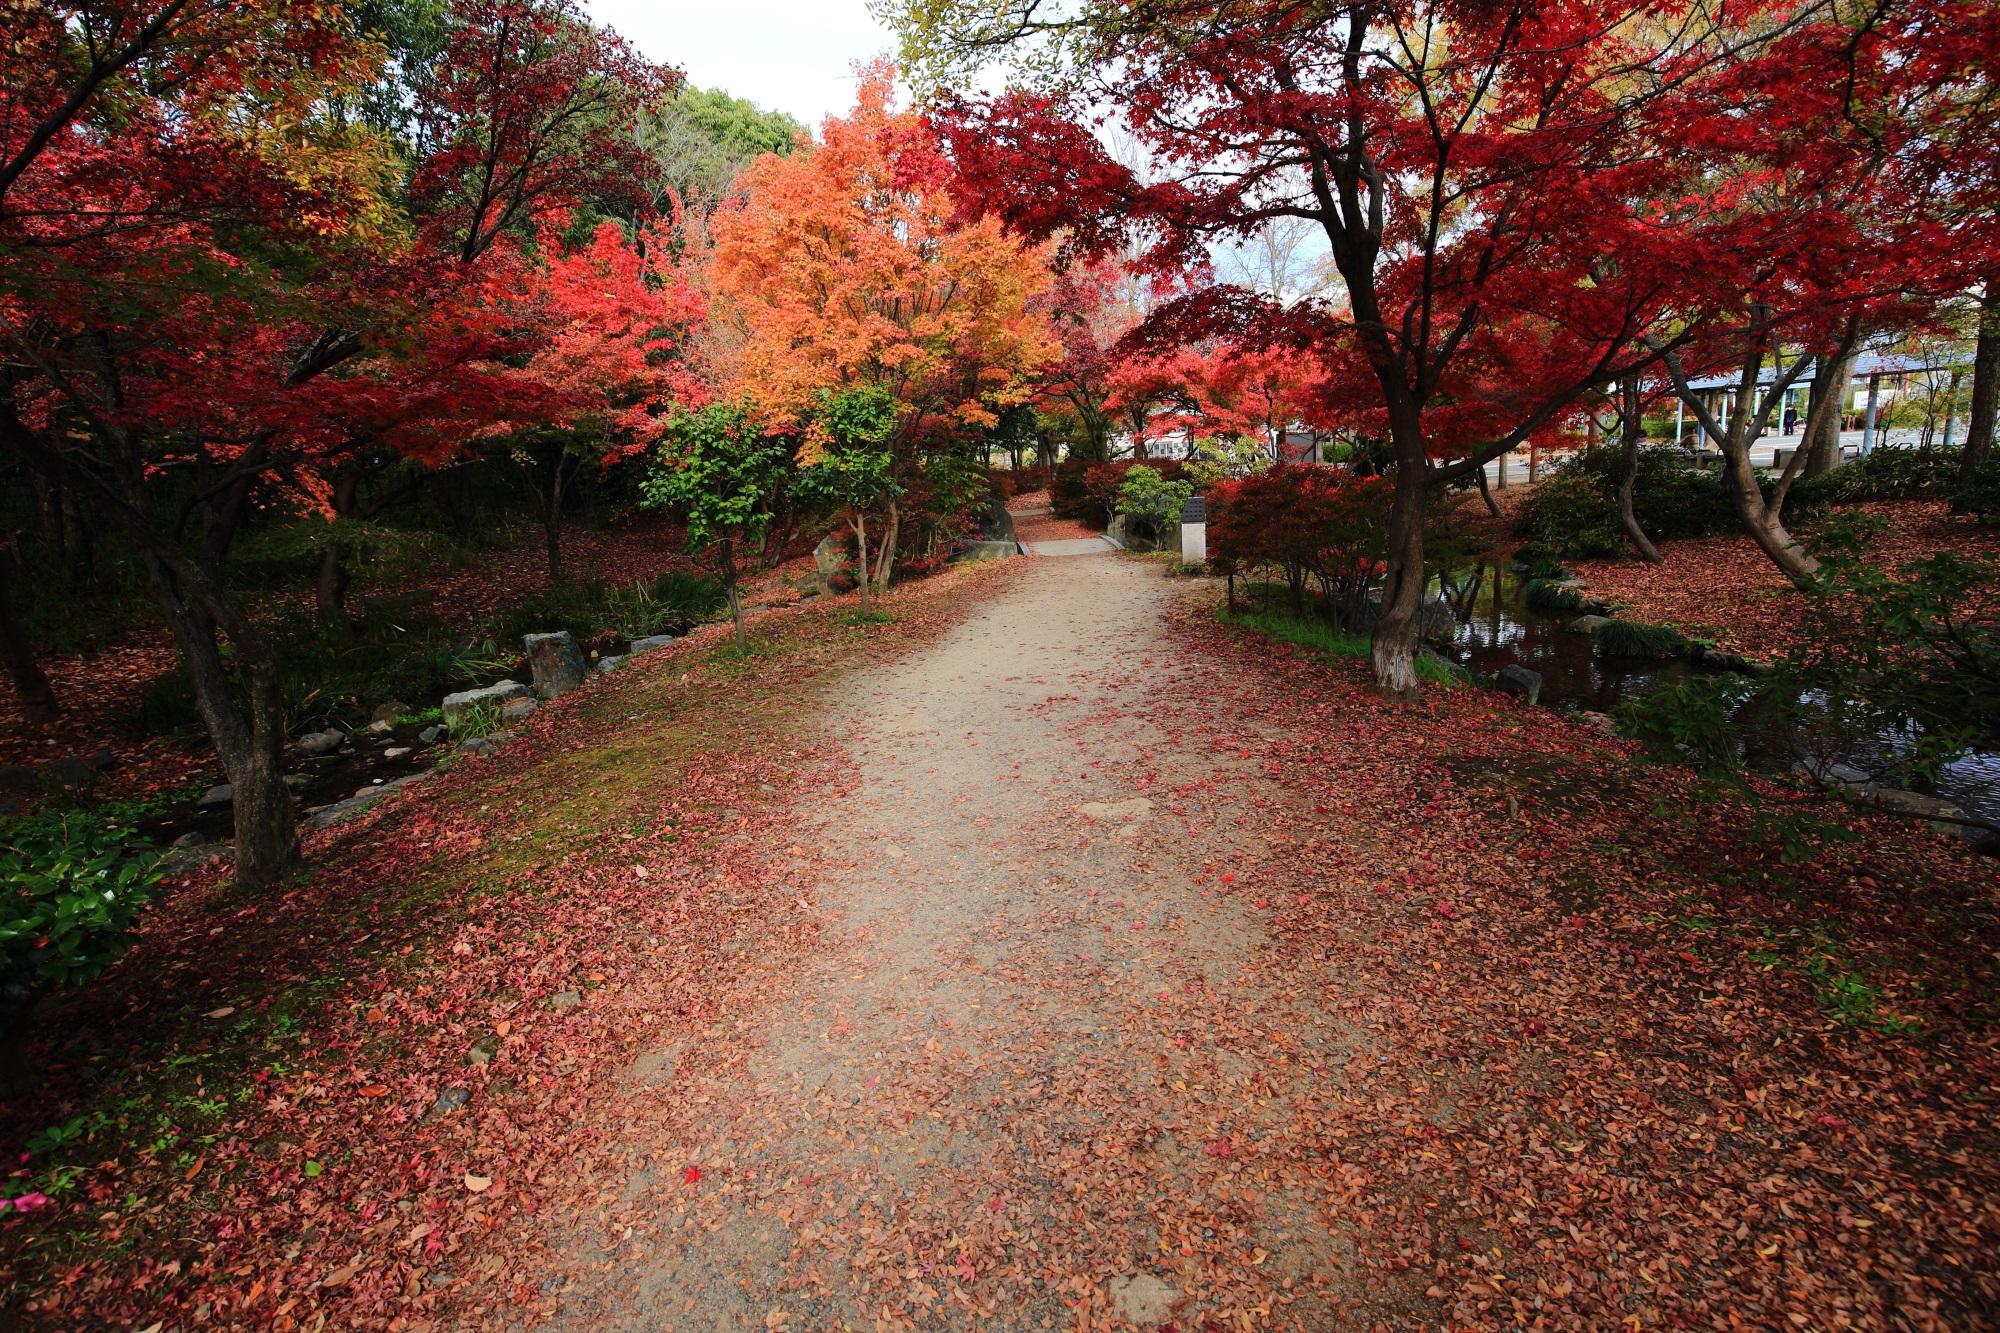 隠れた紅葉名所の梅小路(うめこうじ)公園の見ごろの鮮やかな紅葉